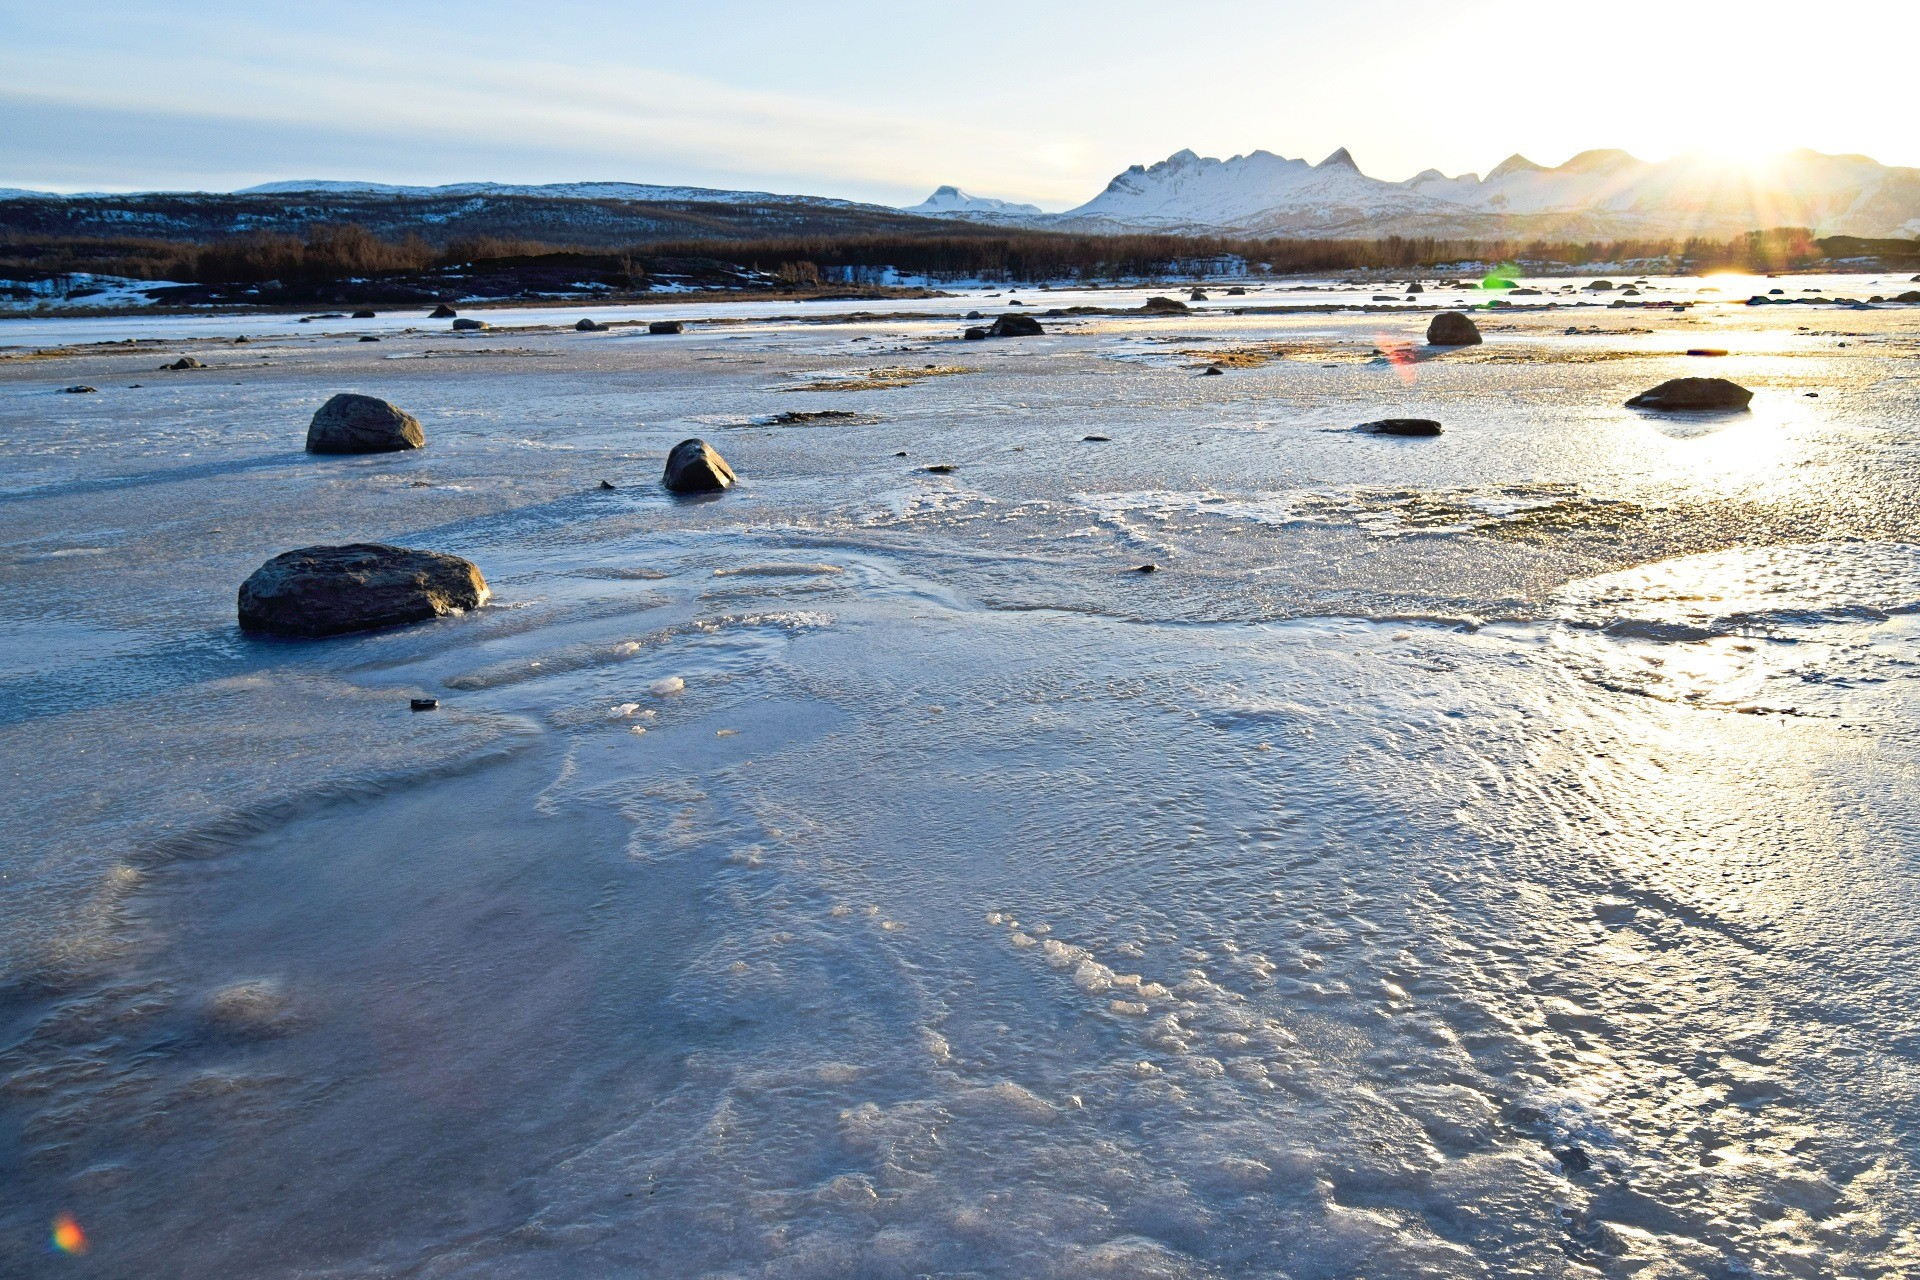 Tverlandet Naturreservat I Bodø